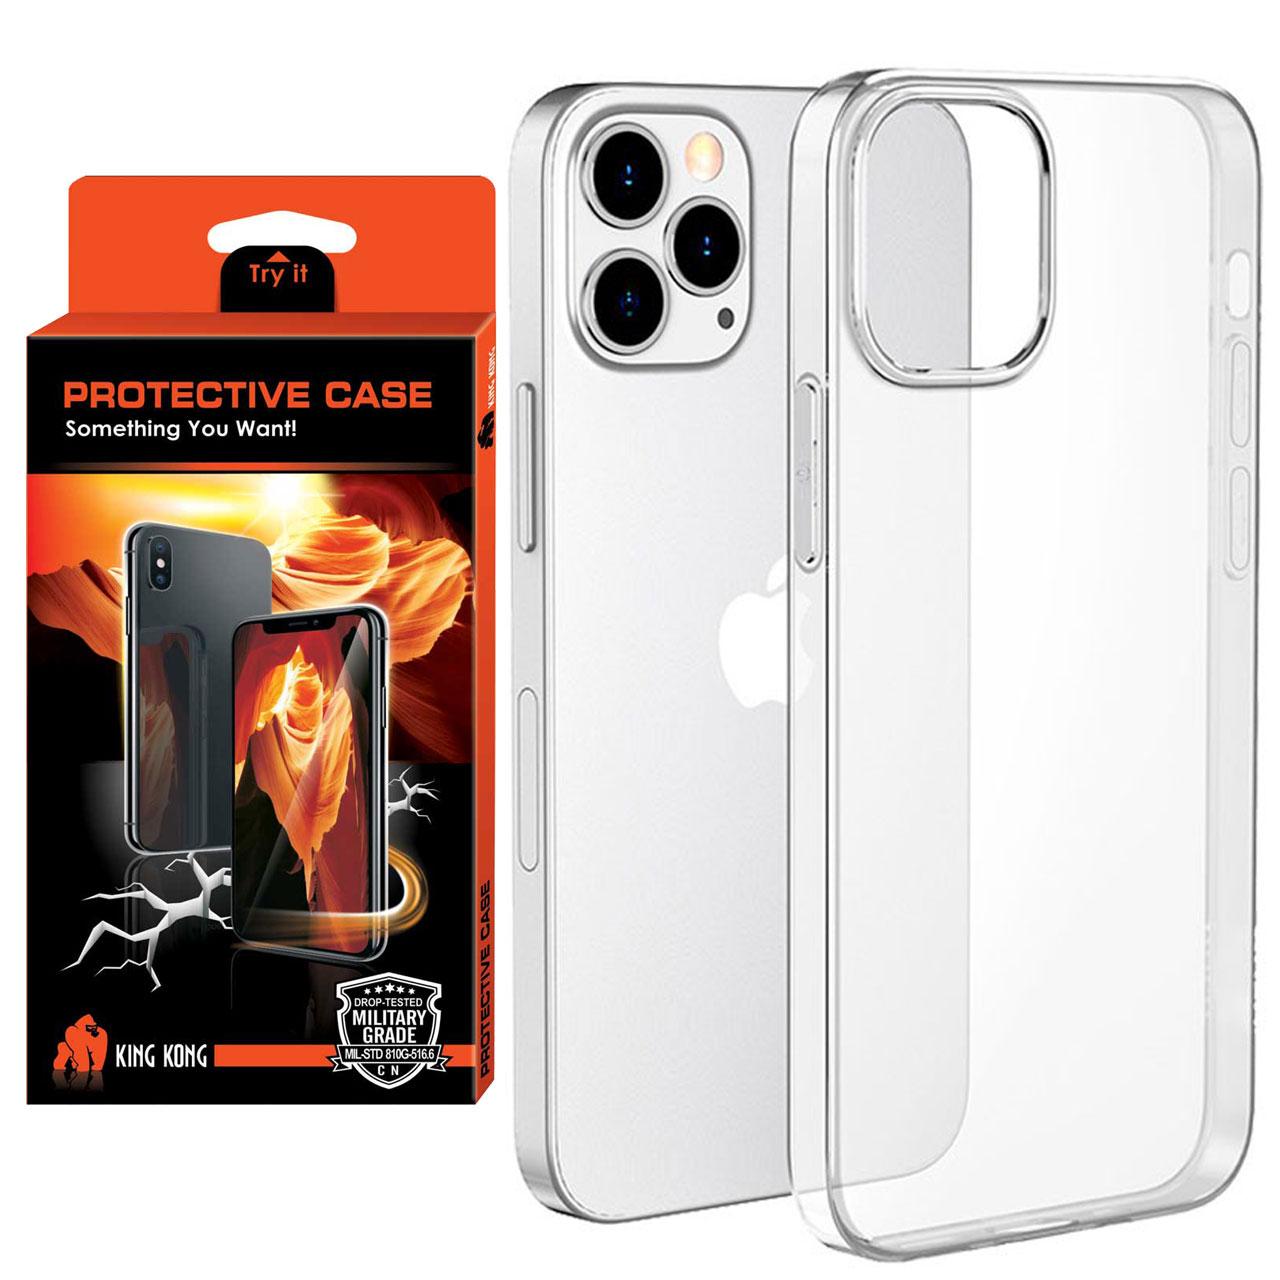 کاور کینگ کونگ مدل TP00 مناسب برای گوشی موبایل اپل Iphone 12 Pro Max